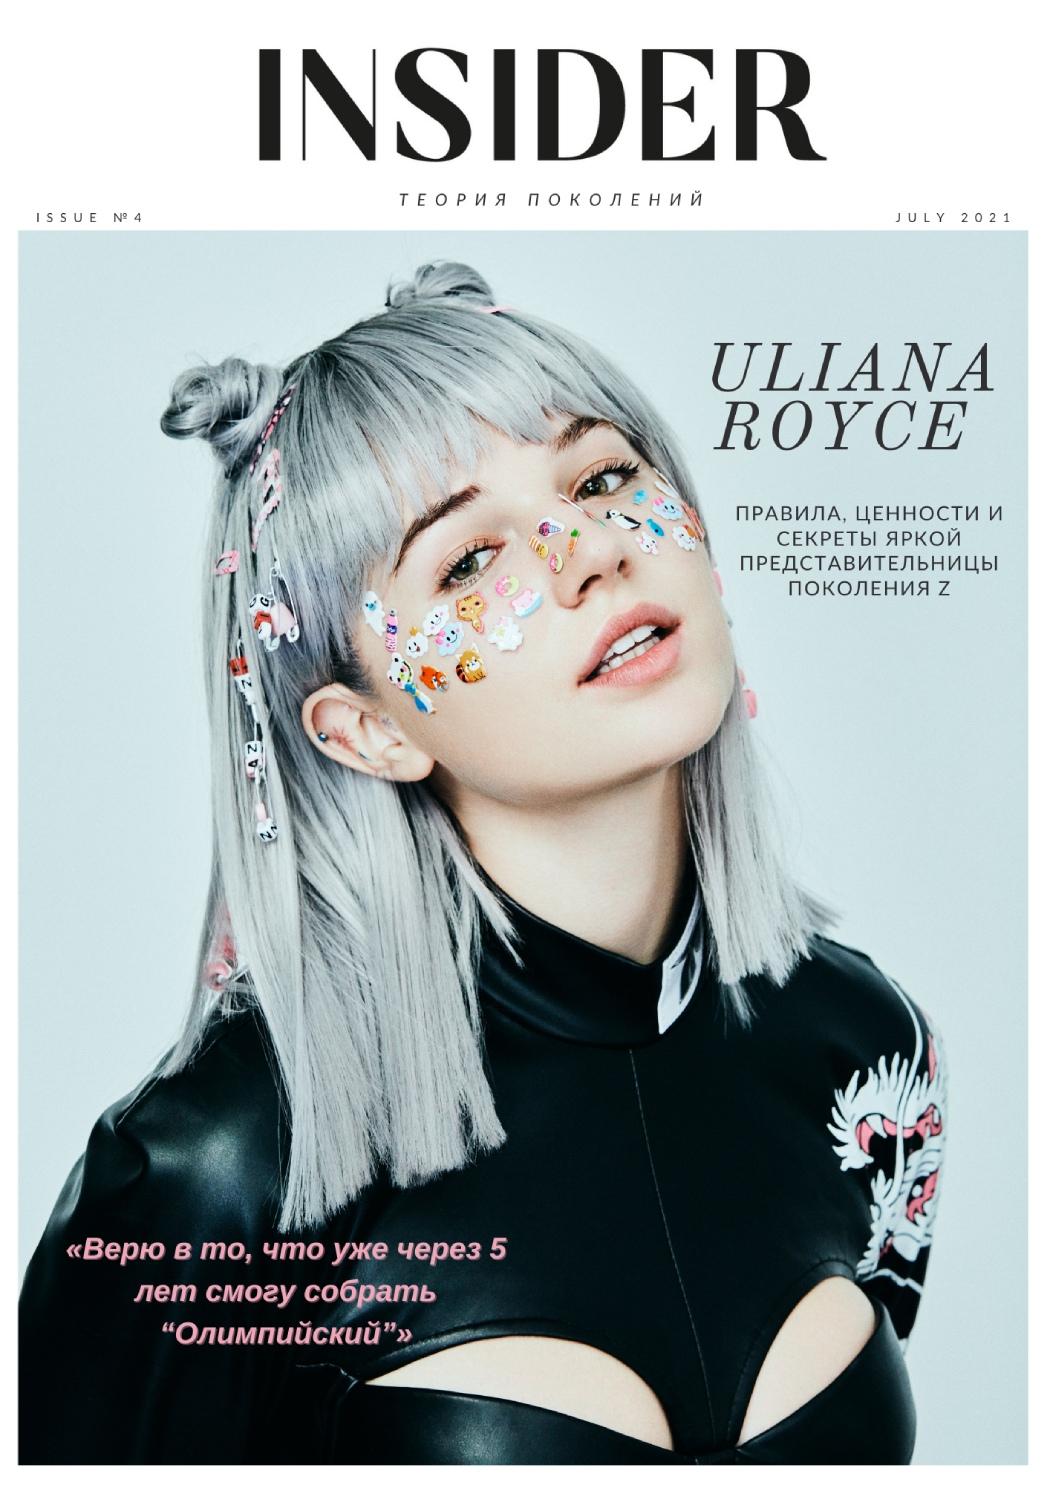 Правила, ценности и секреты Uliana Royce: откровенный разговор с яркой представительницей поколения Z